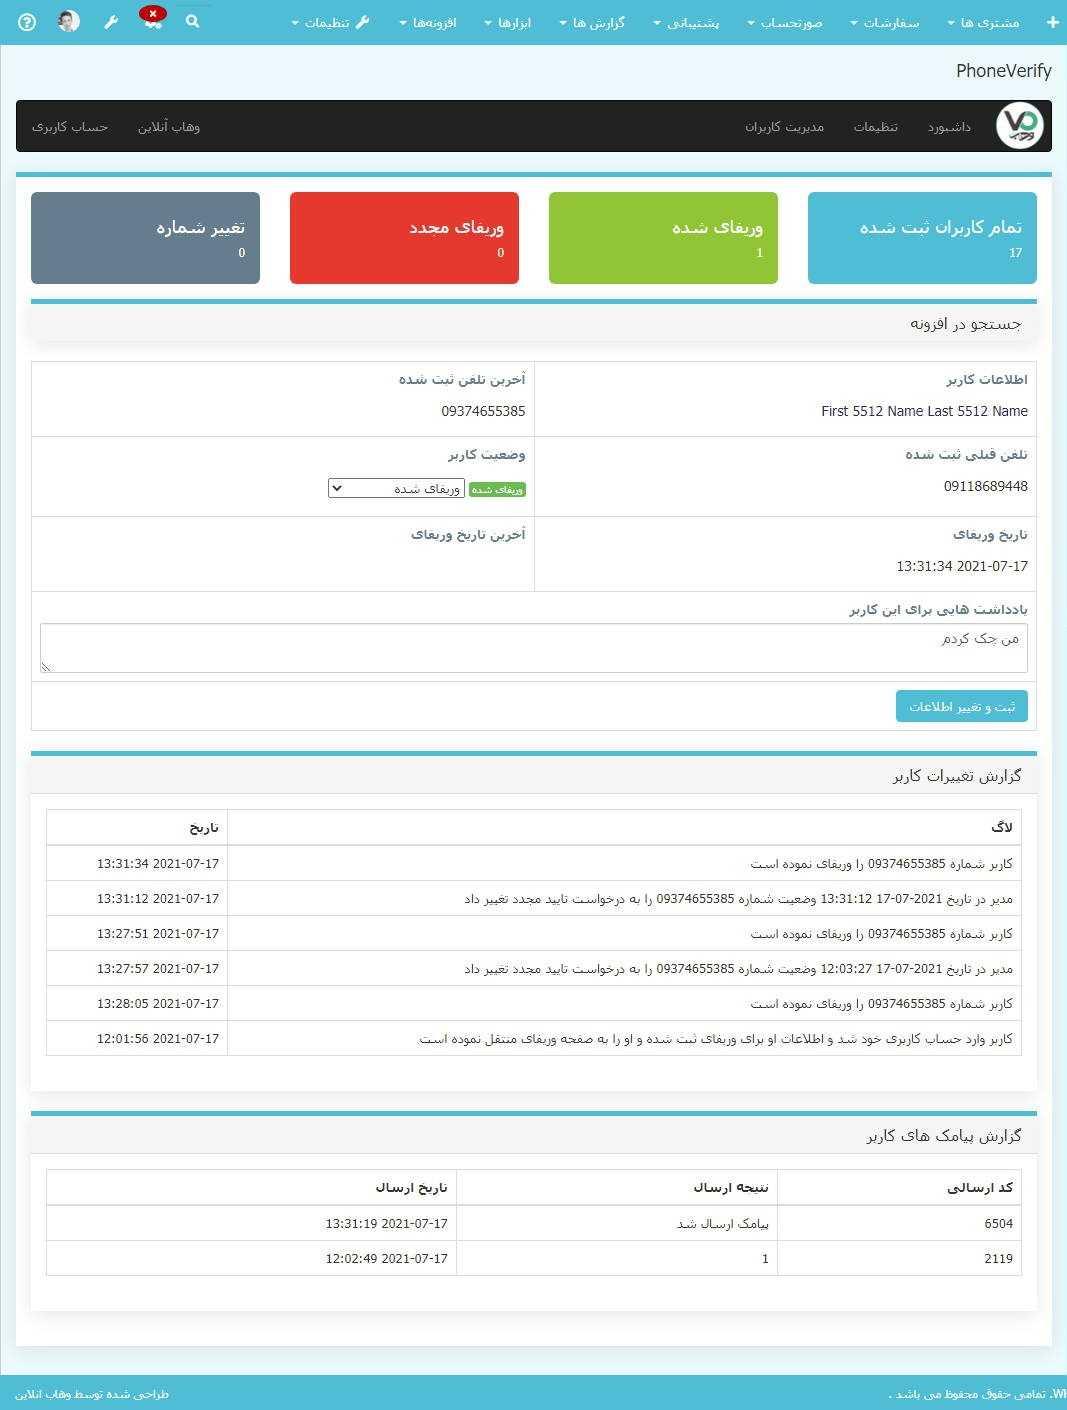 ارائه گزارش کامل در مدیریت کاربر